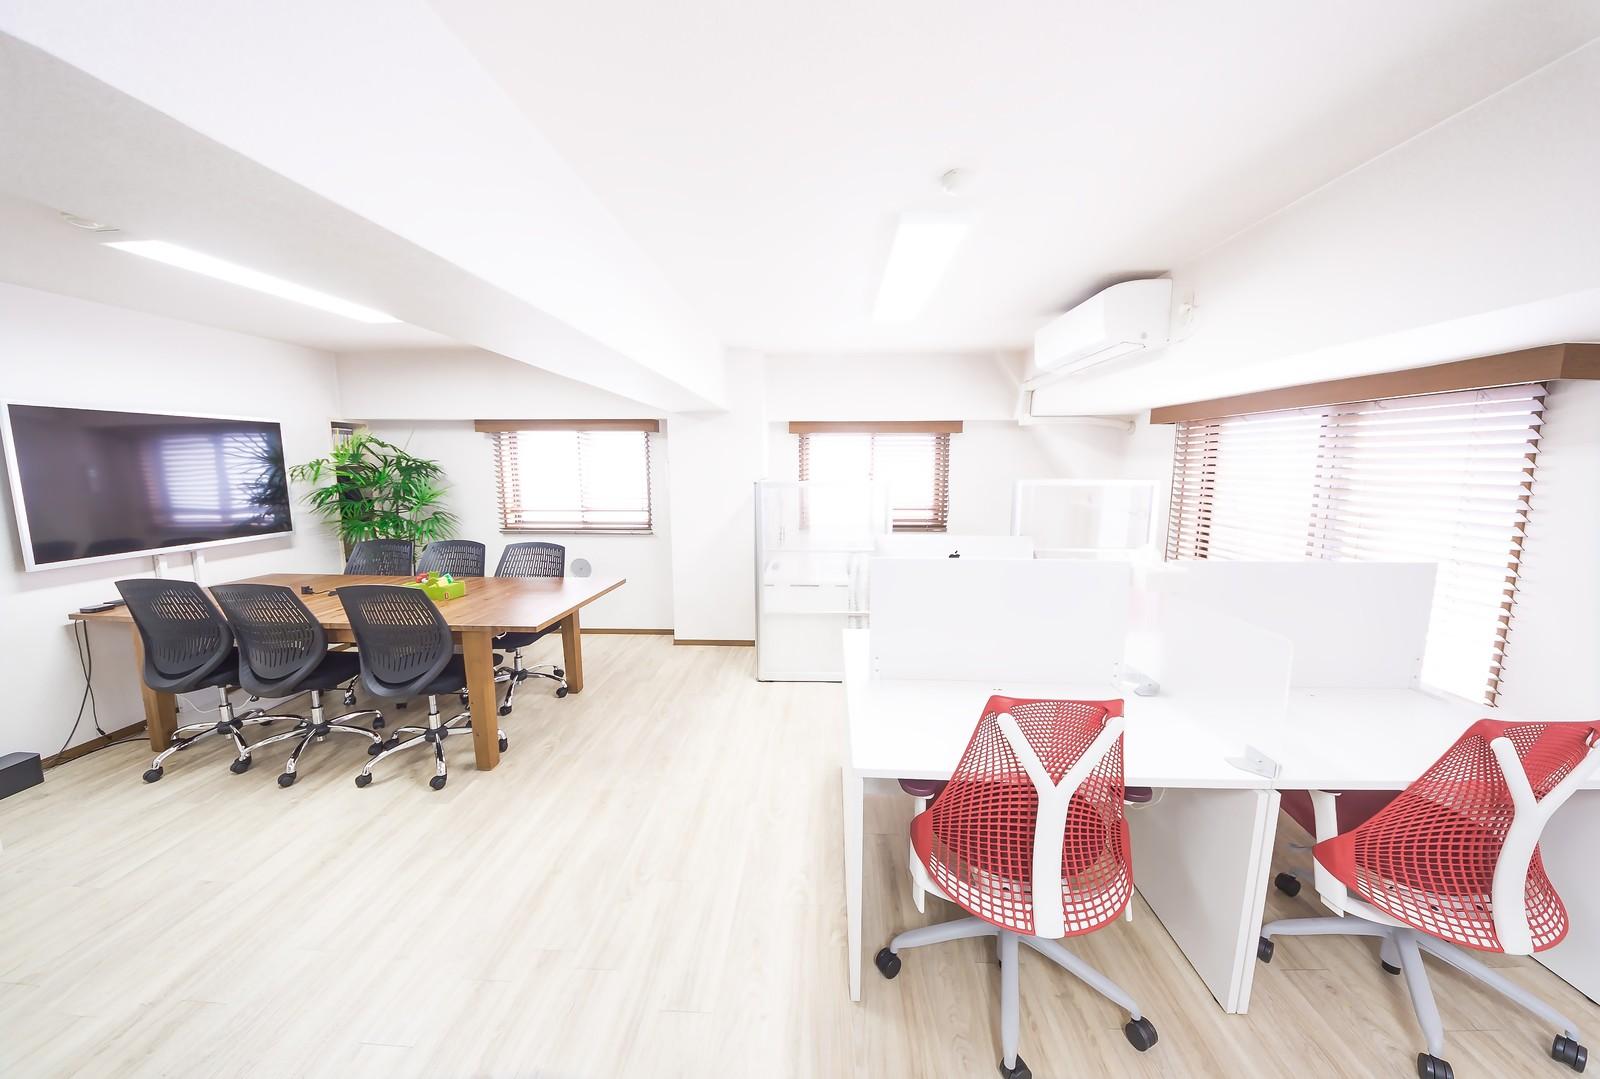 中小企業や零細企業に転職する場合の注意点、企業の選び方、リスク